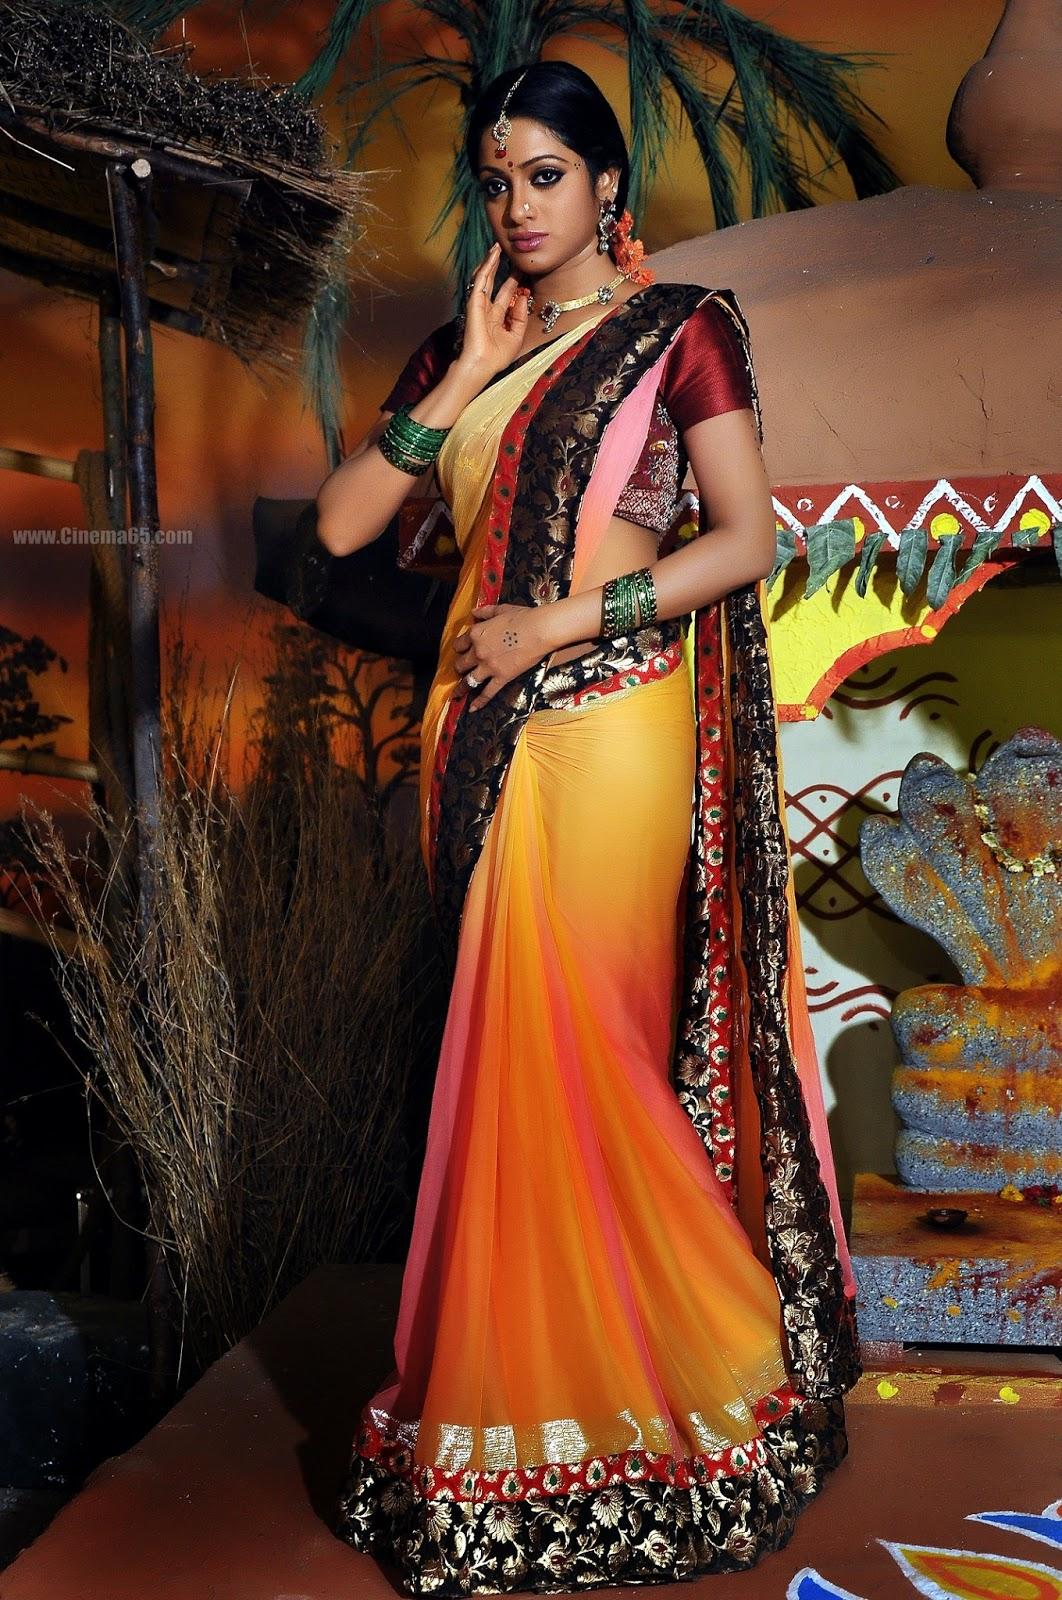 Udaya Bhanu Madhumathi Movie Hot Stills - Cinema65.com